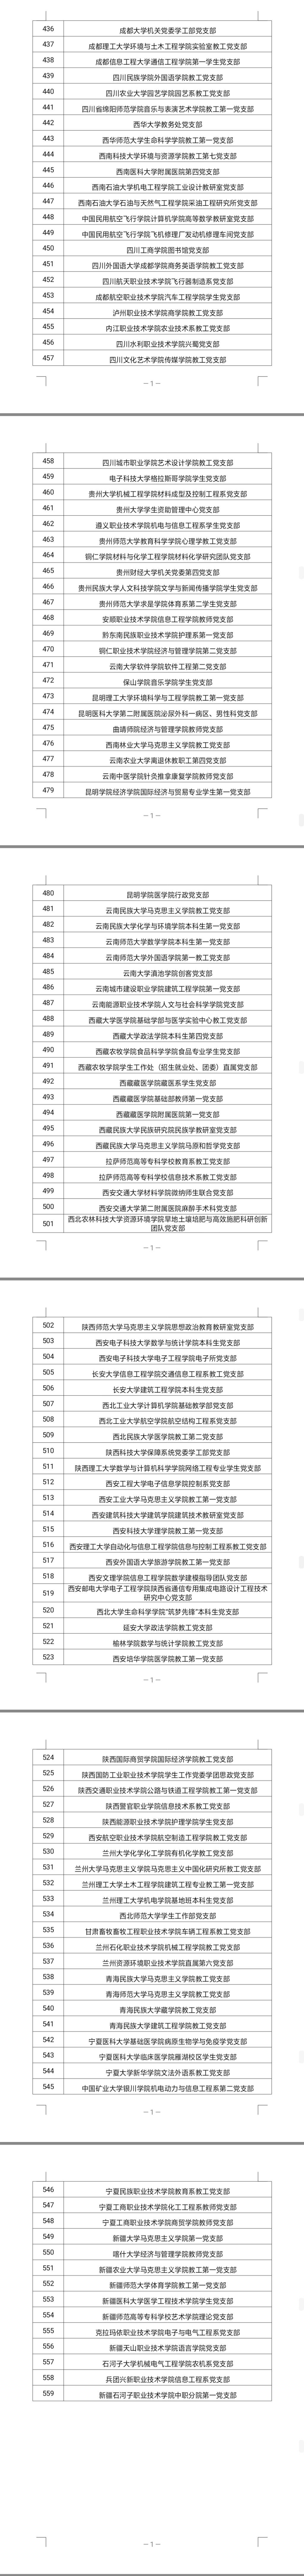 首批全国党建工作培育创建单位出炉 湖南有19个单位上榜 新湖南www.hunanabc.com